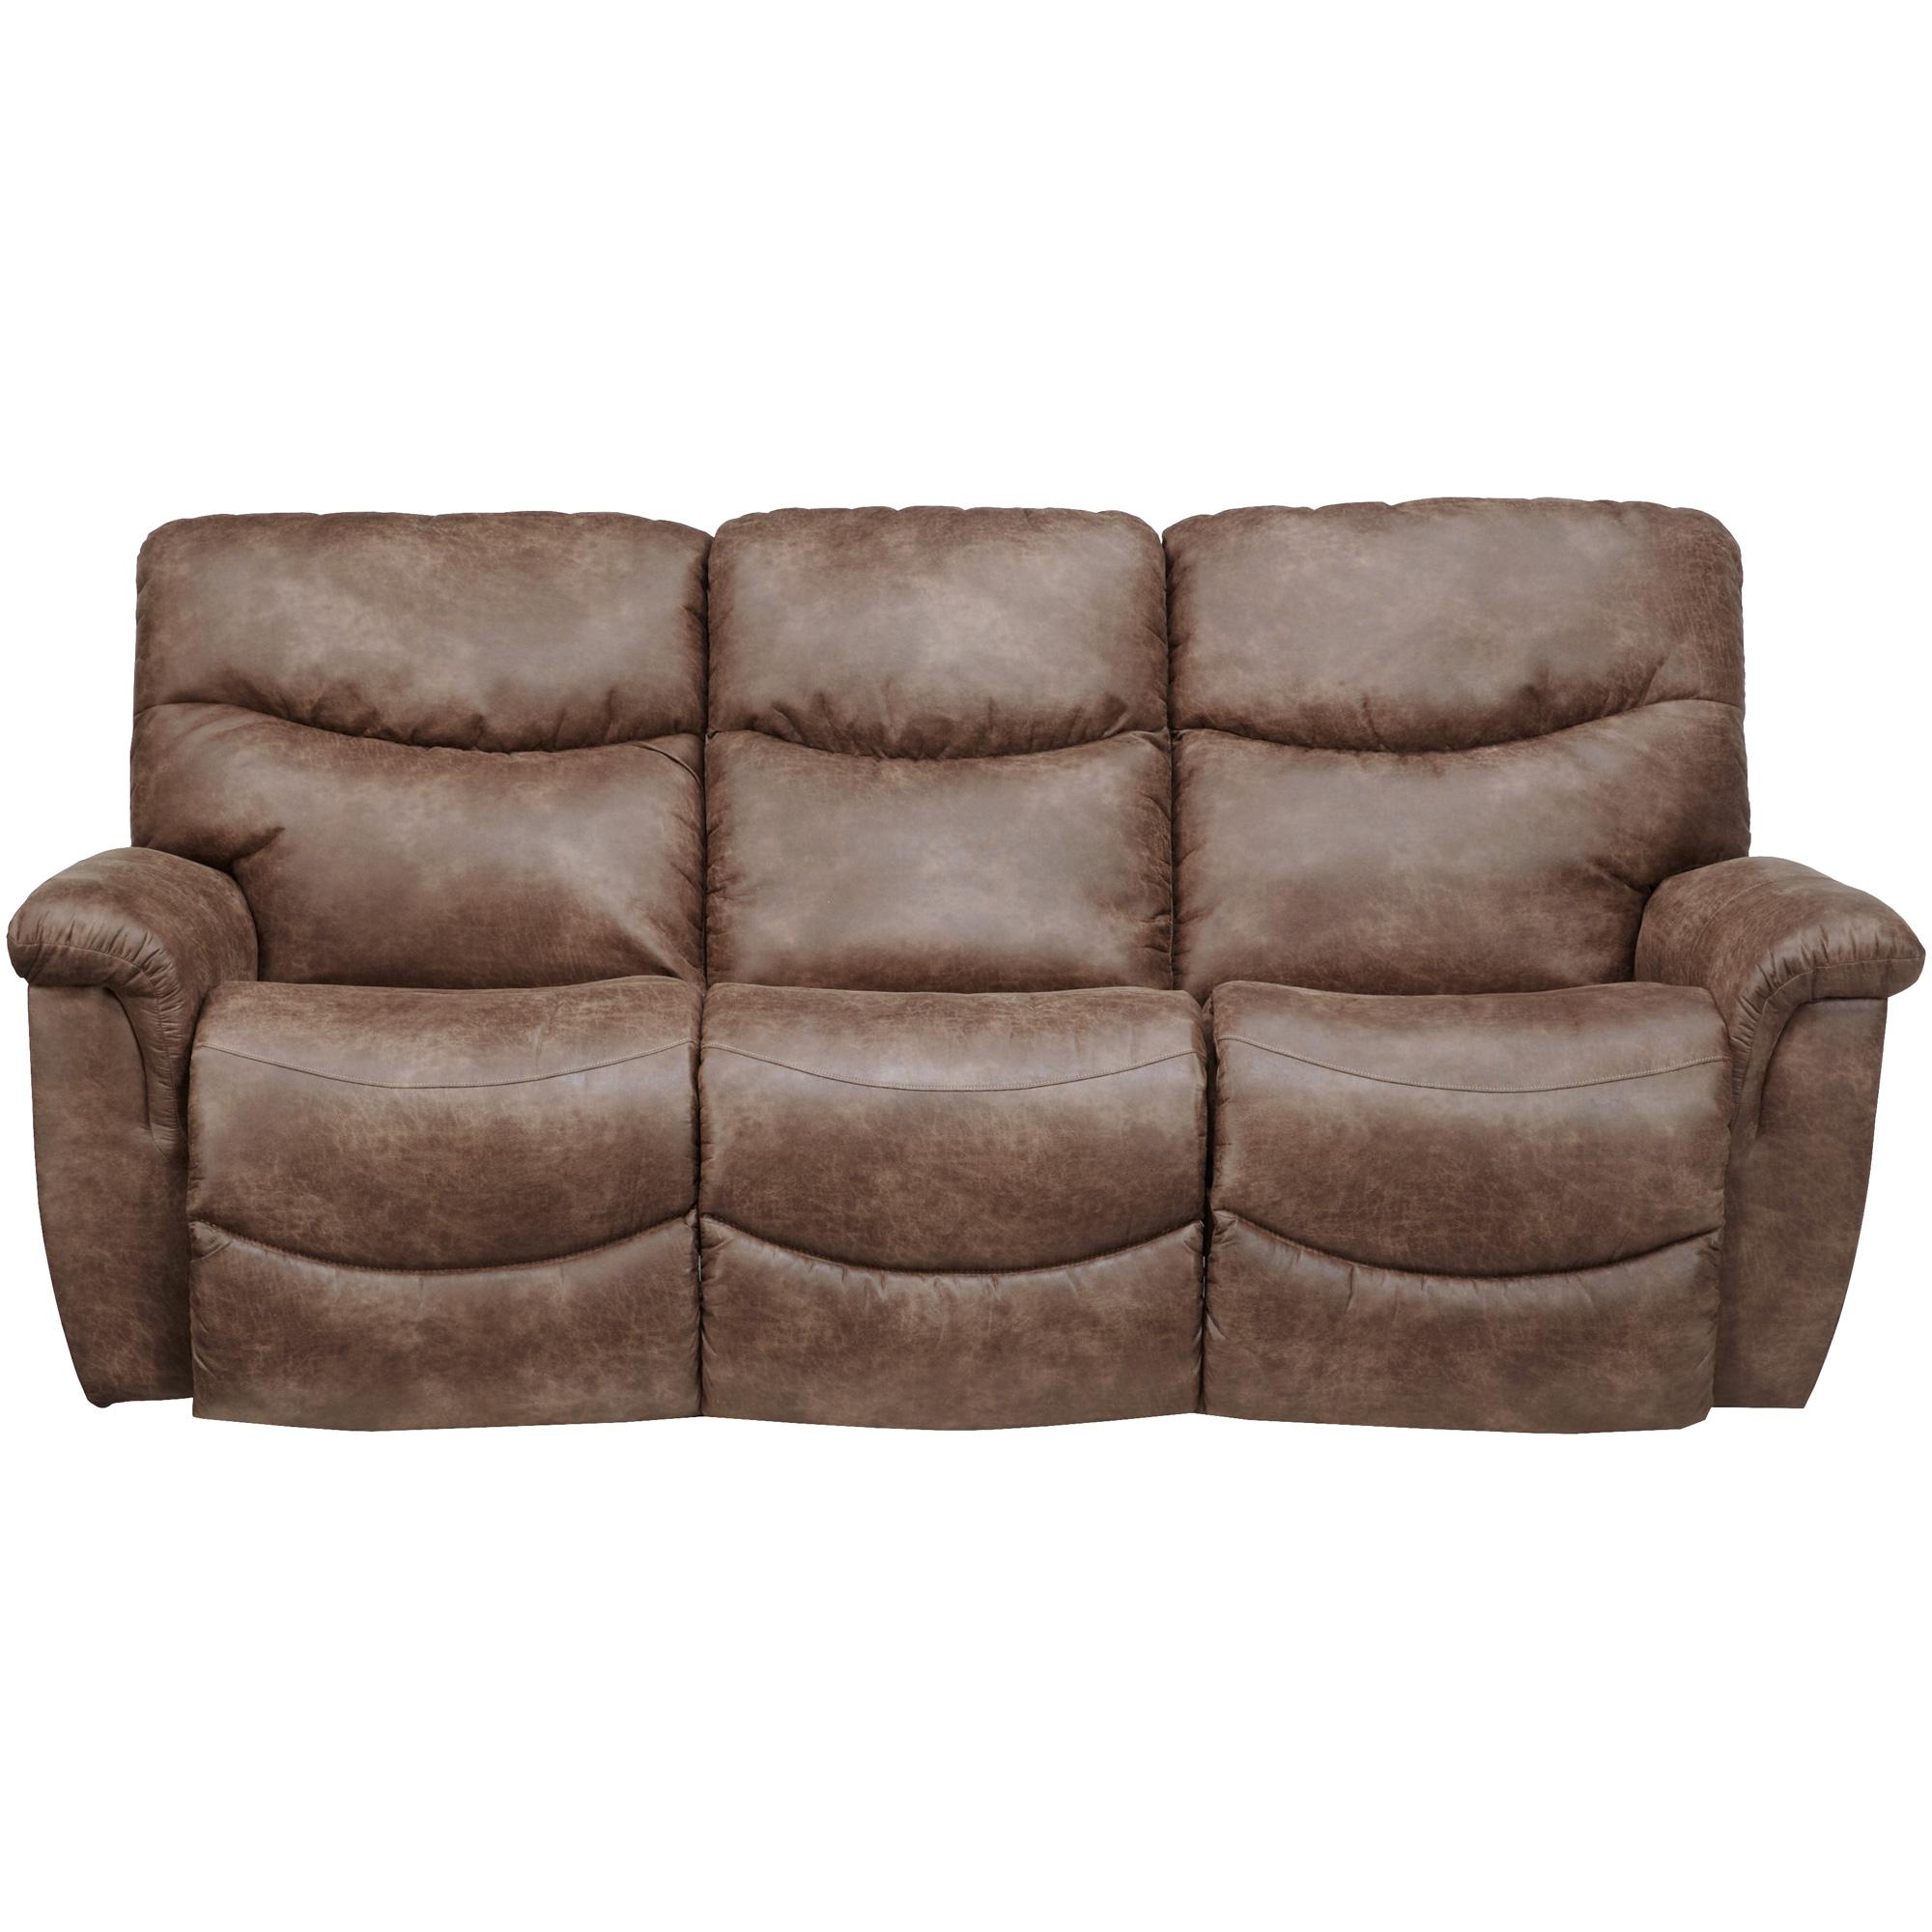 Admirable James Steel Sofa Slumberland Furniture Short Links Chair Design For Home Short Linksinfo